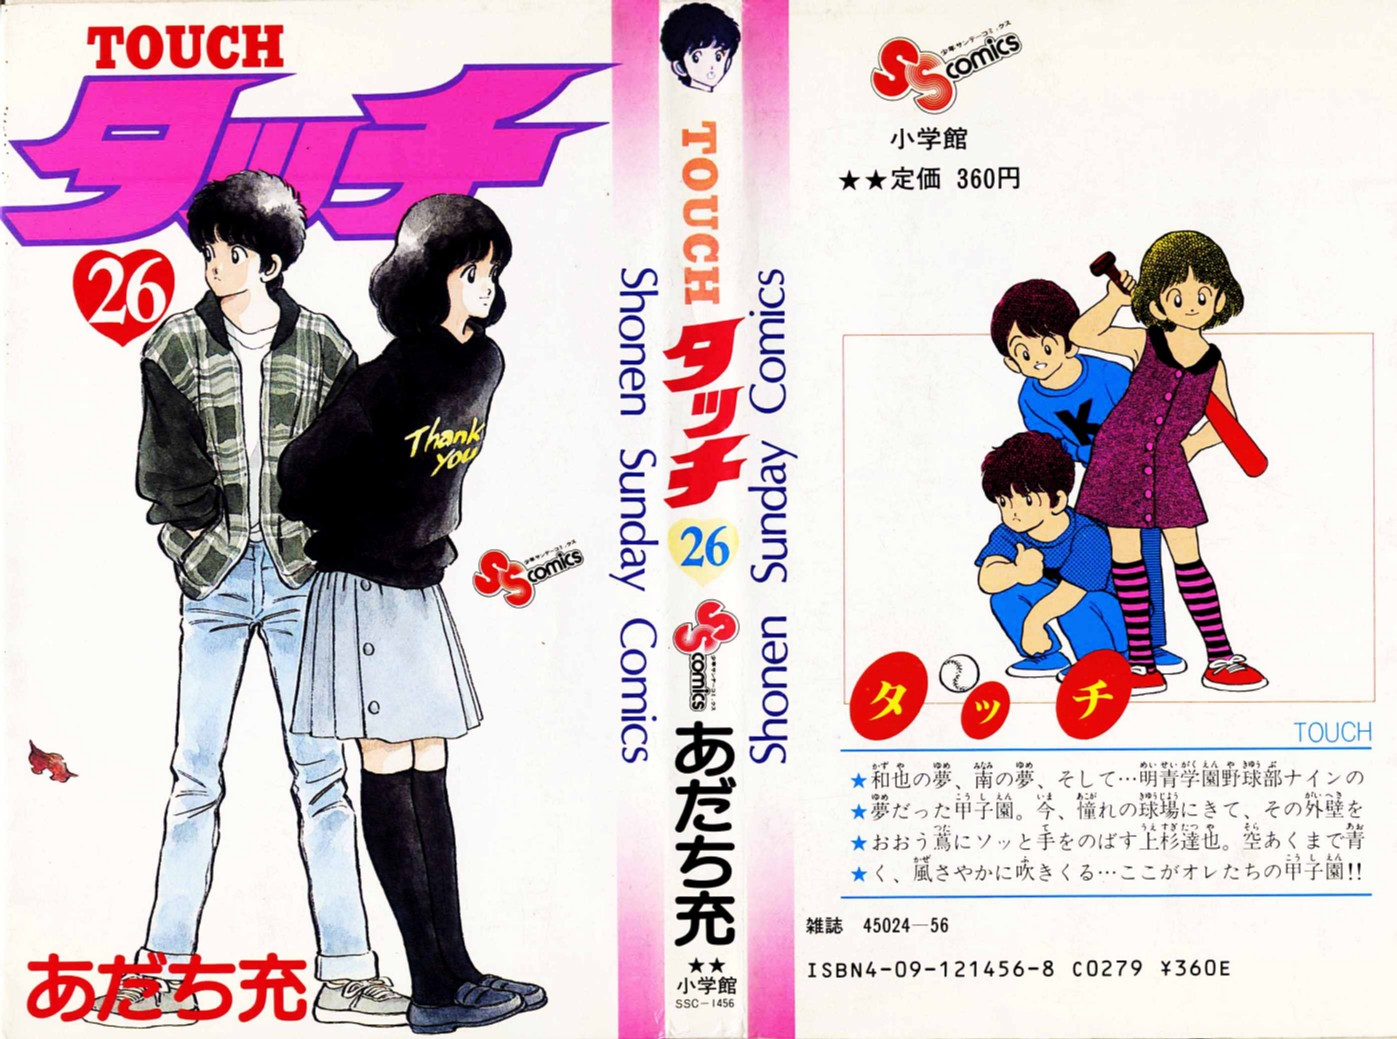 Touch Chap 248 - Next Chap 249